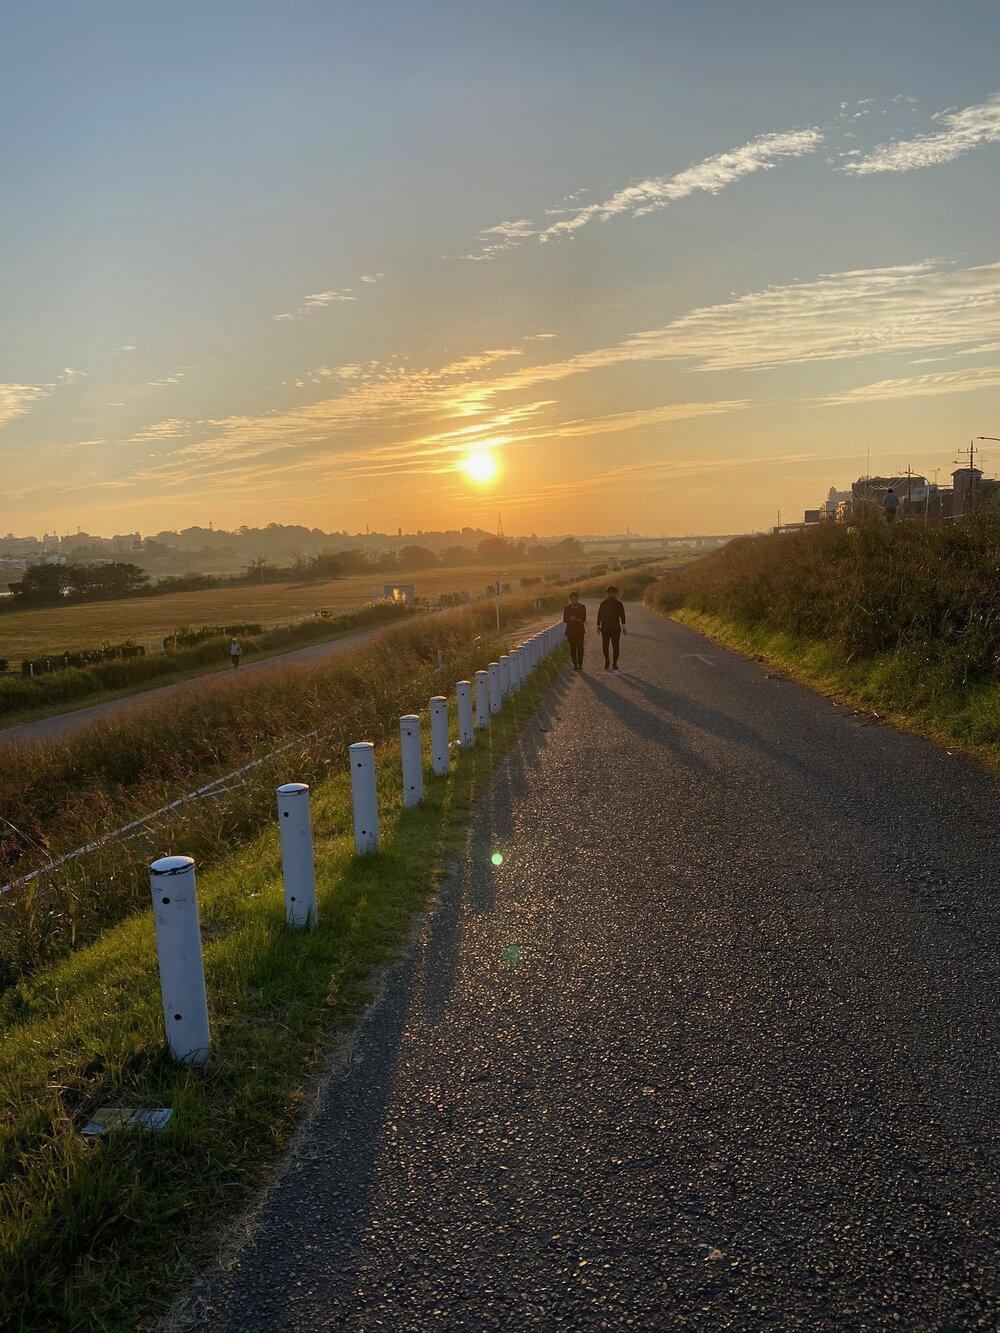 Sun Rise on Tamagawa River Bike Path